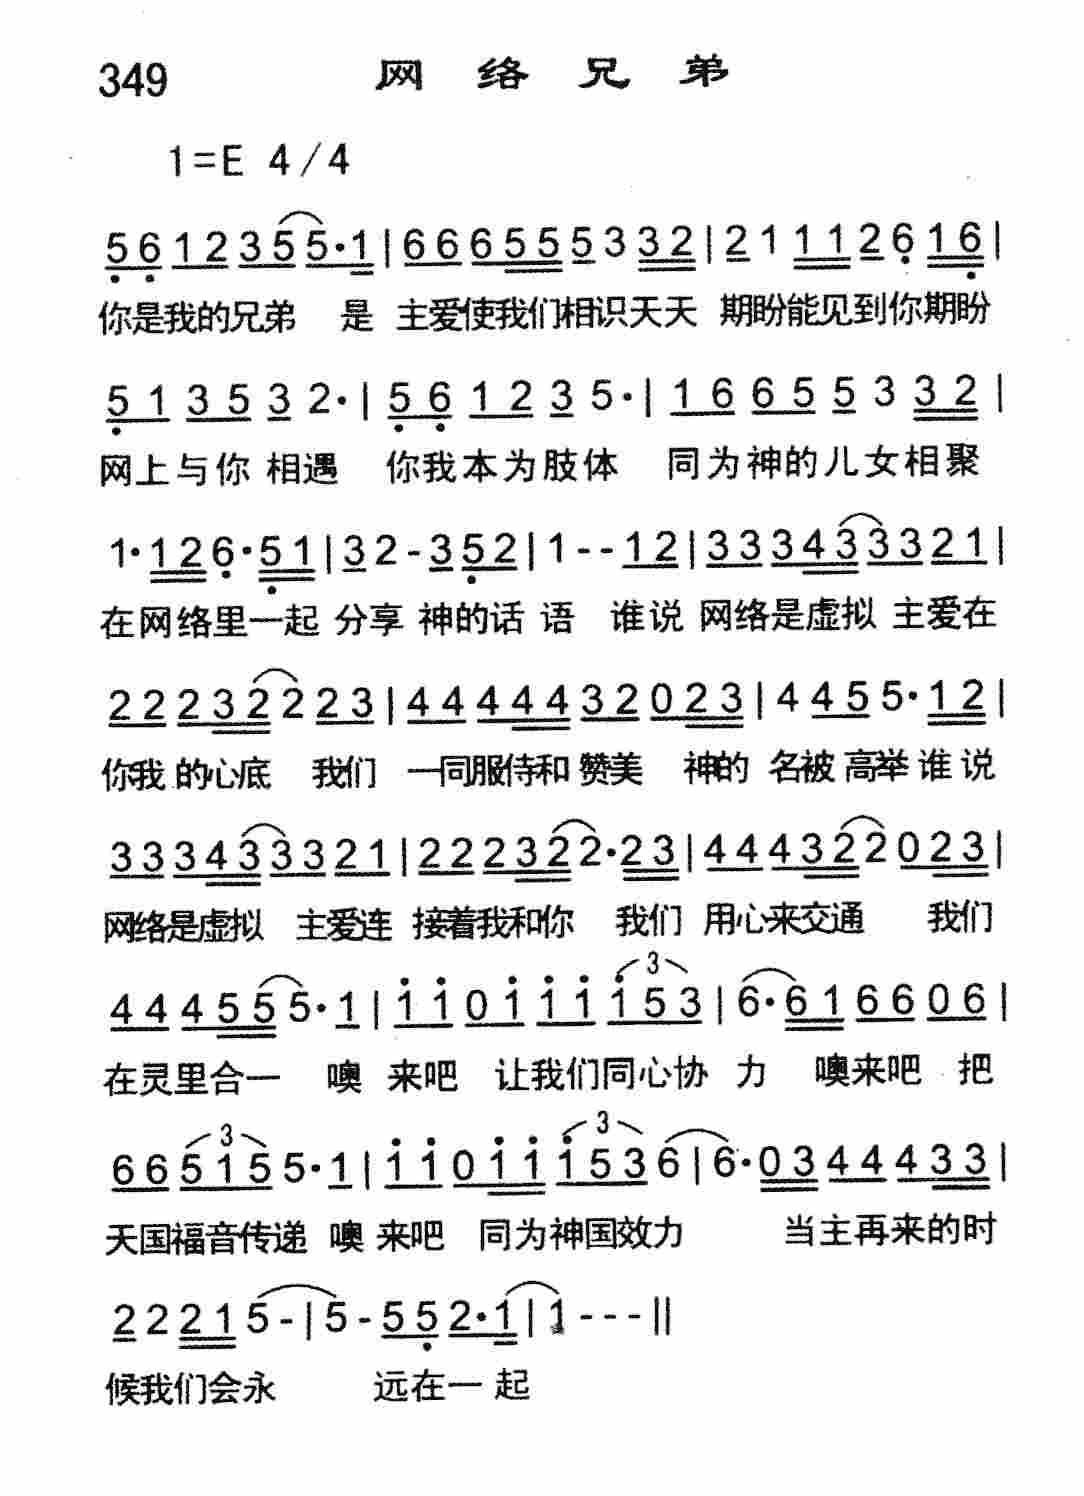 第349首 -网络兄弟_简谱_歌谱下载_搜谱网